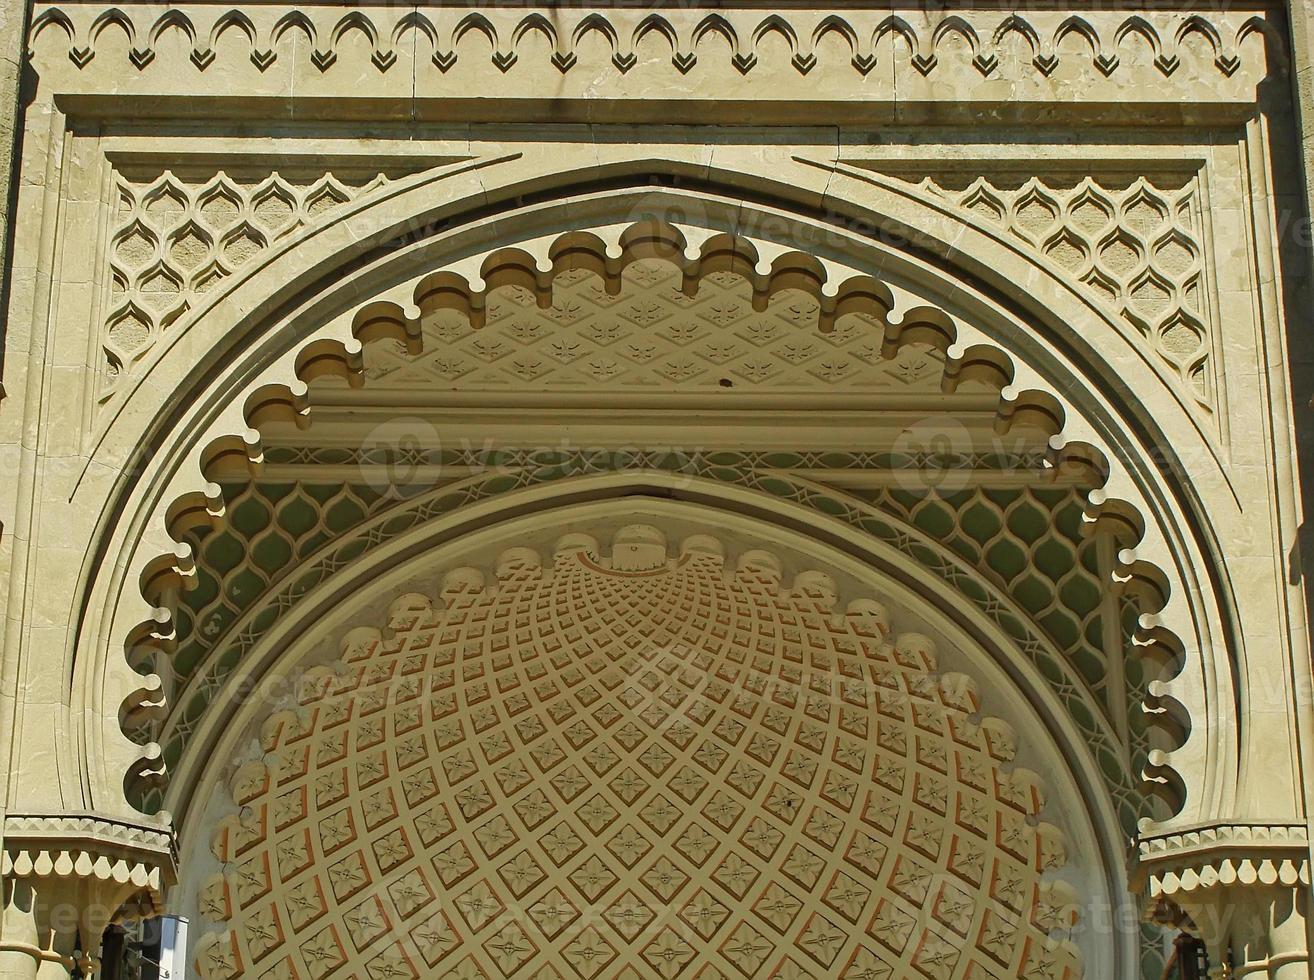 södra fasad av vorontsov palats, alupka, krim foto